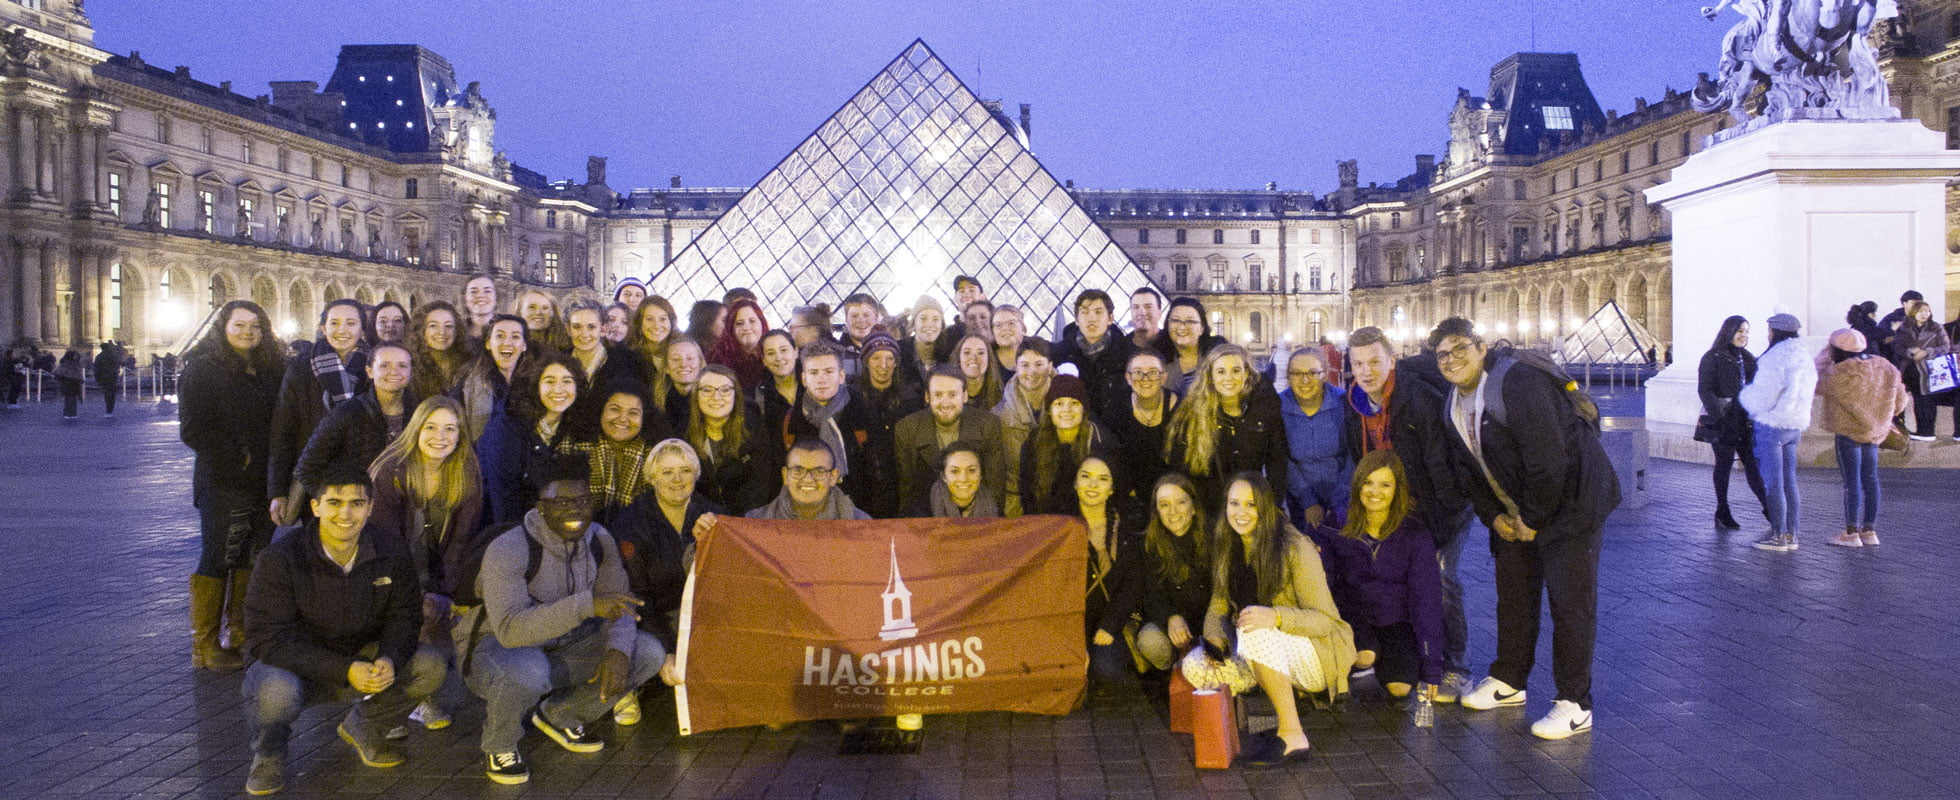 Paris student picture